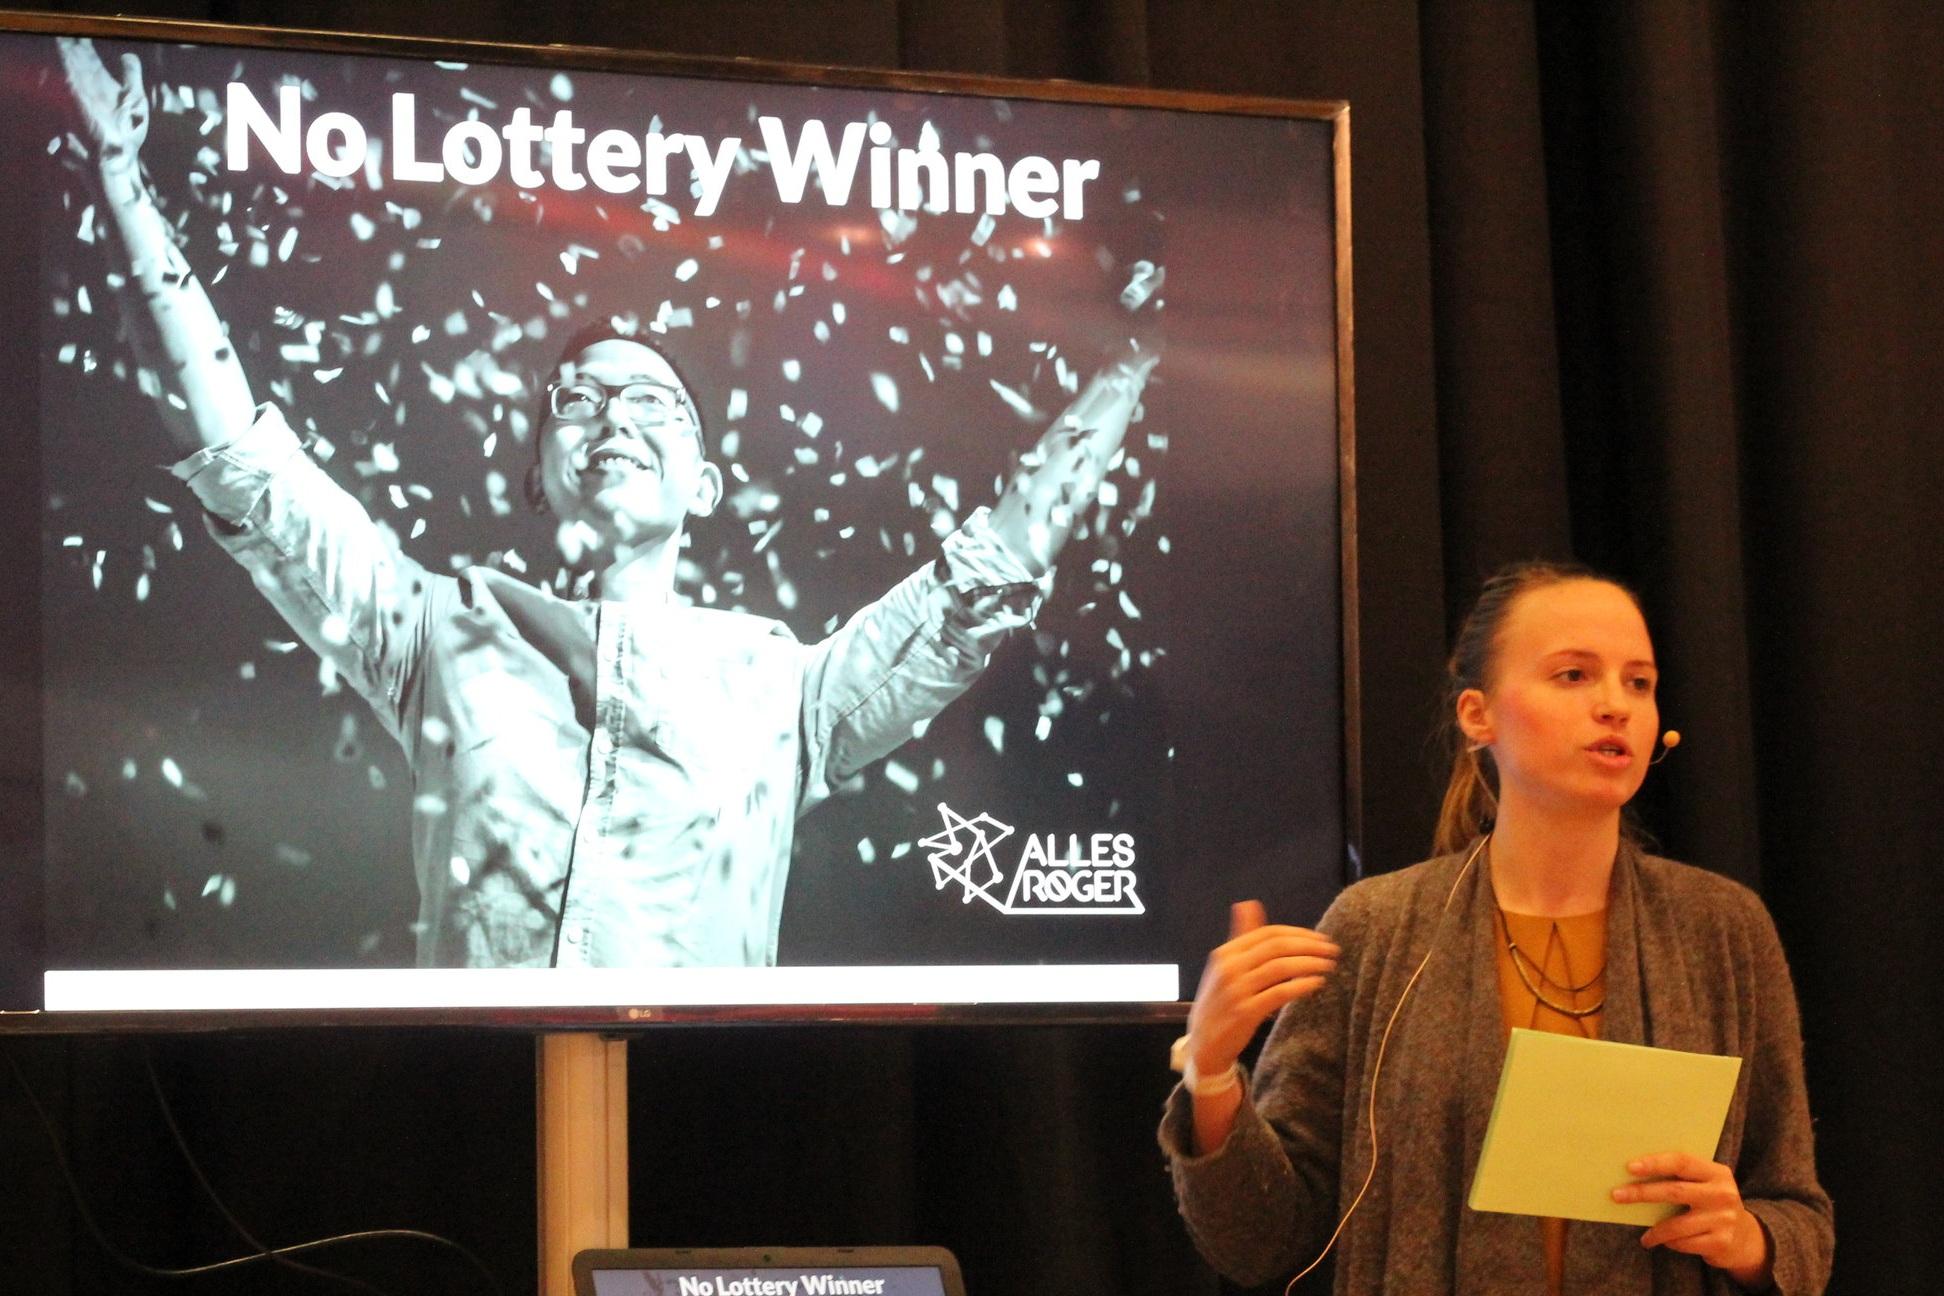 Friederike bei ihrem Vortrag zum Thema Effectuation - voll in Action